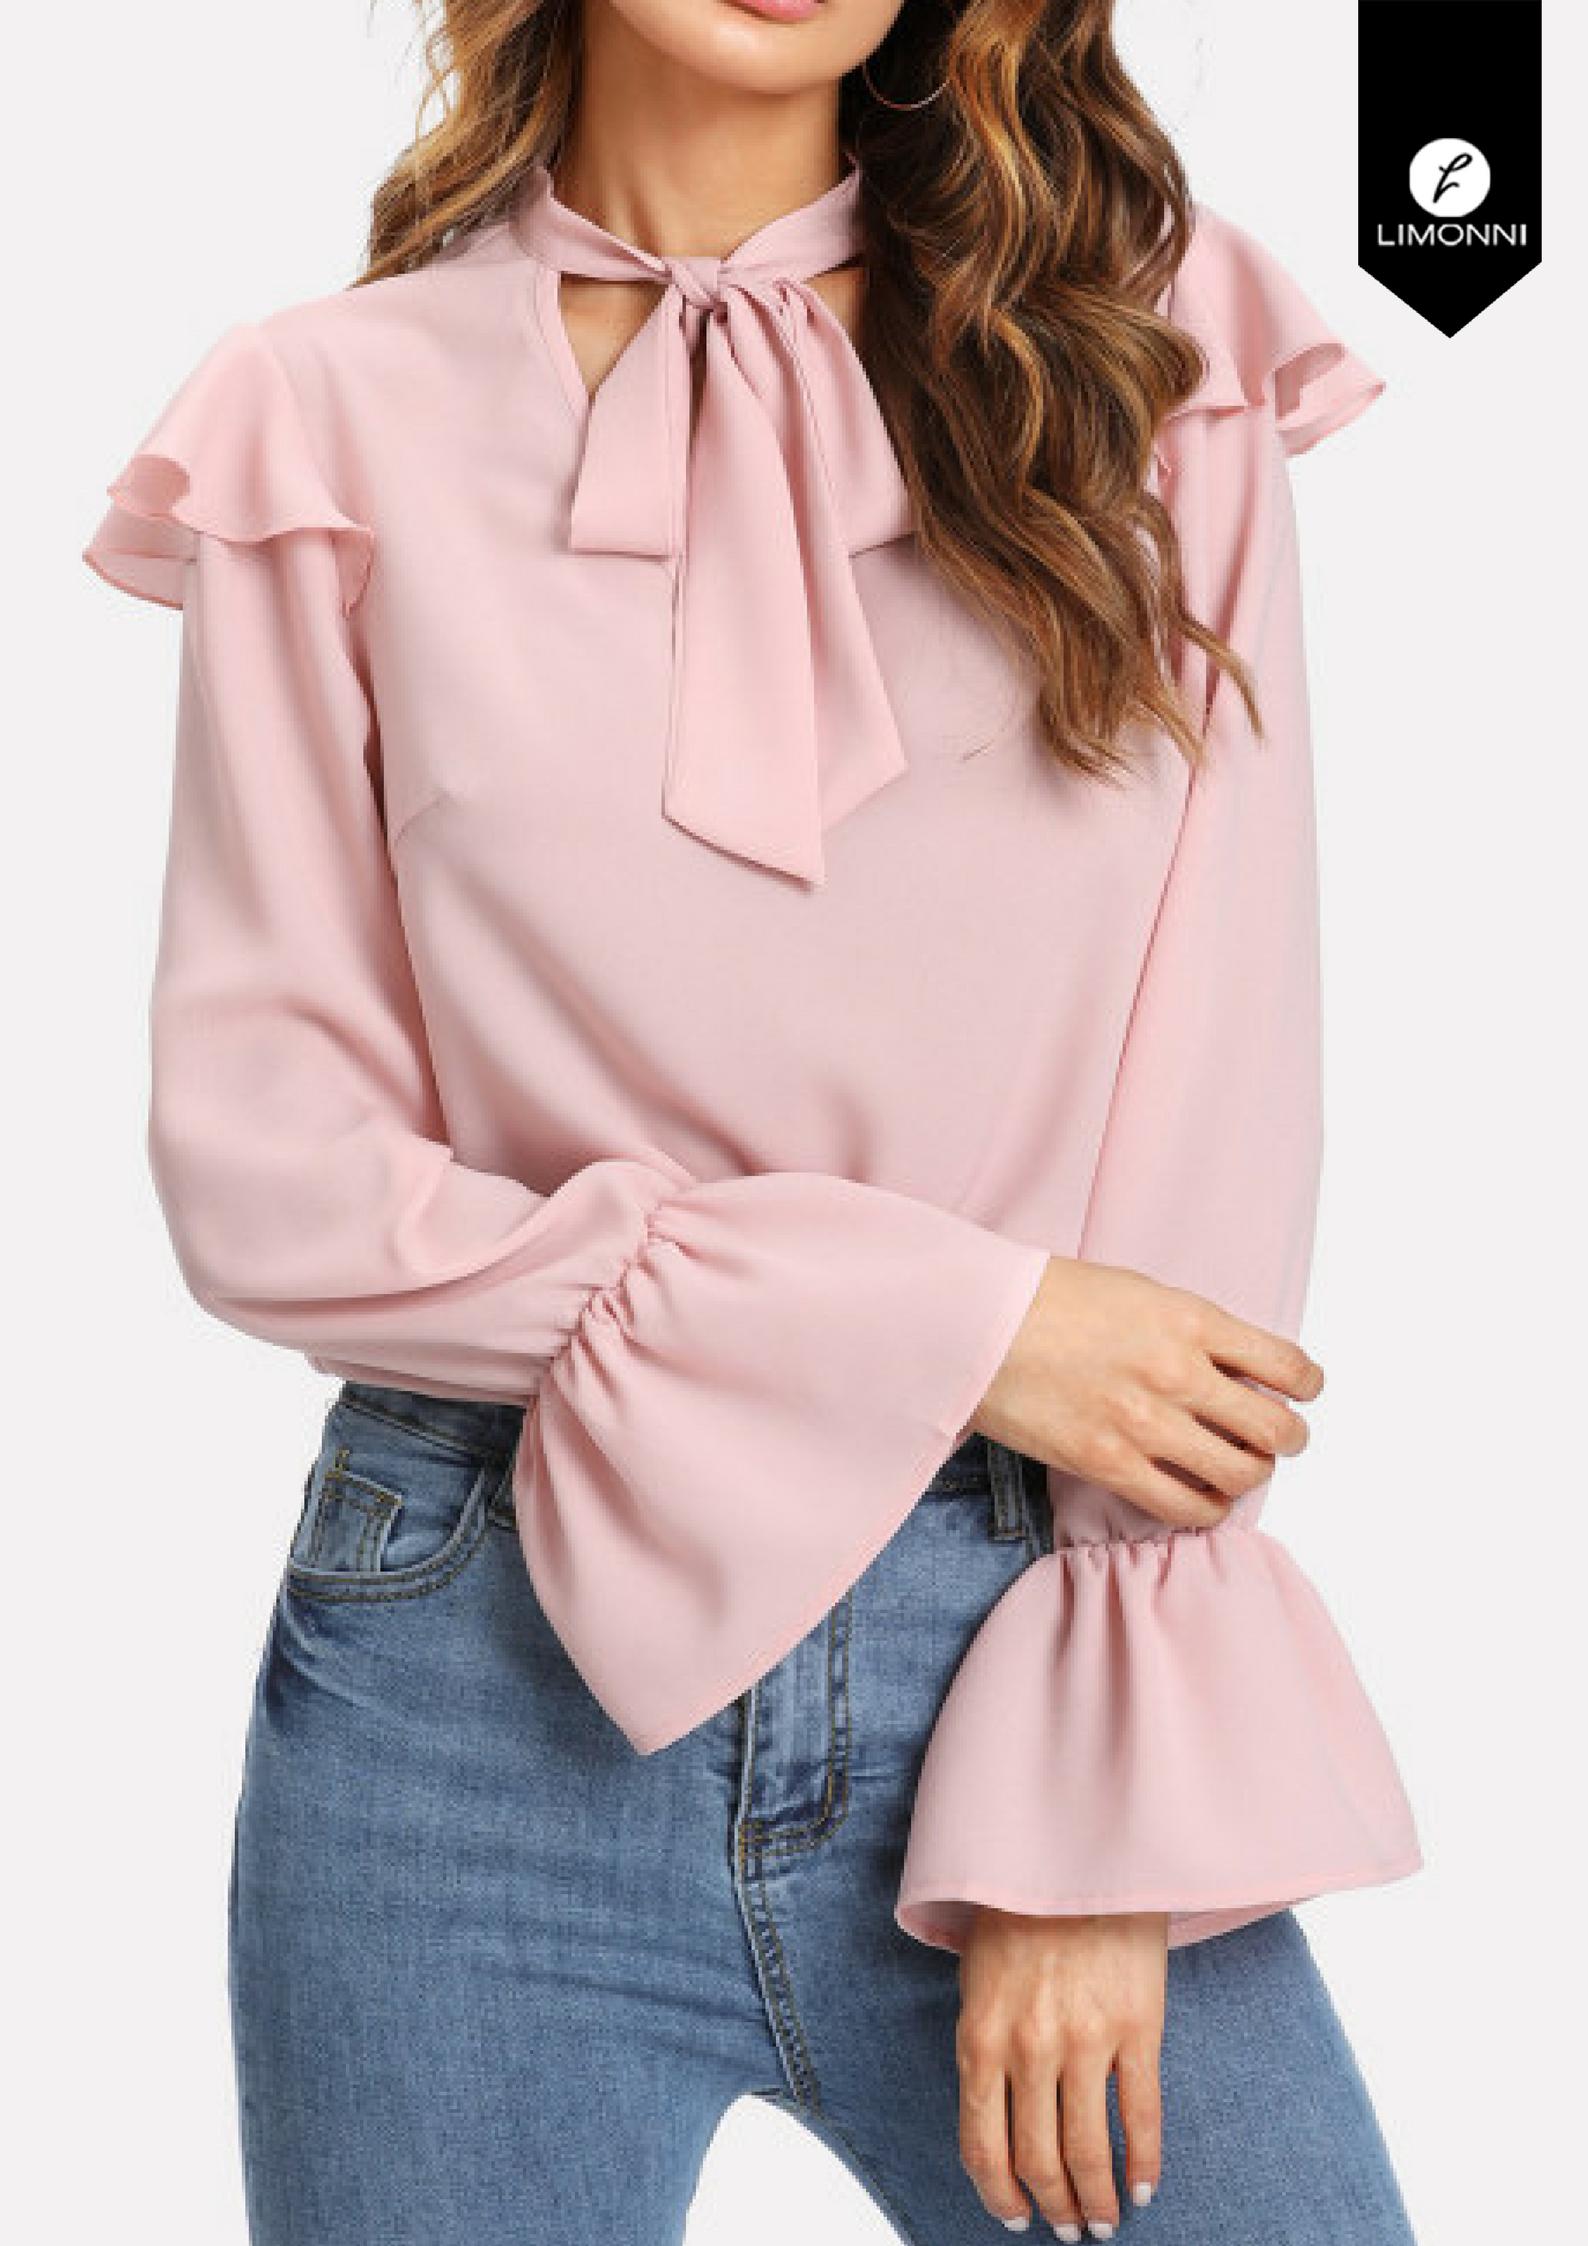 Blusas para mujer Limonni Novalee LI1460 Casuales